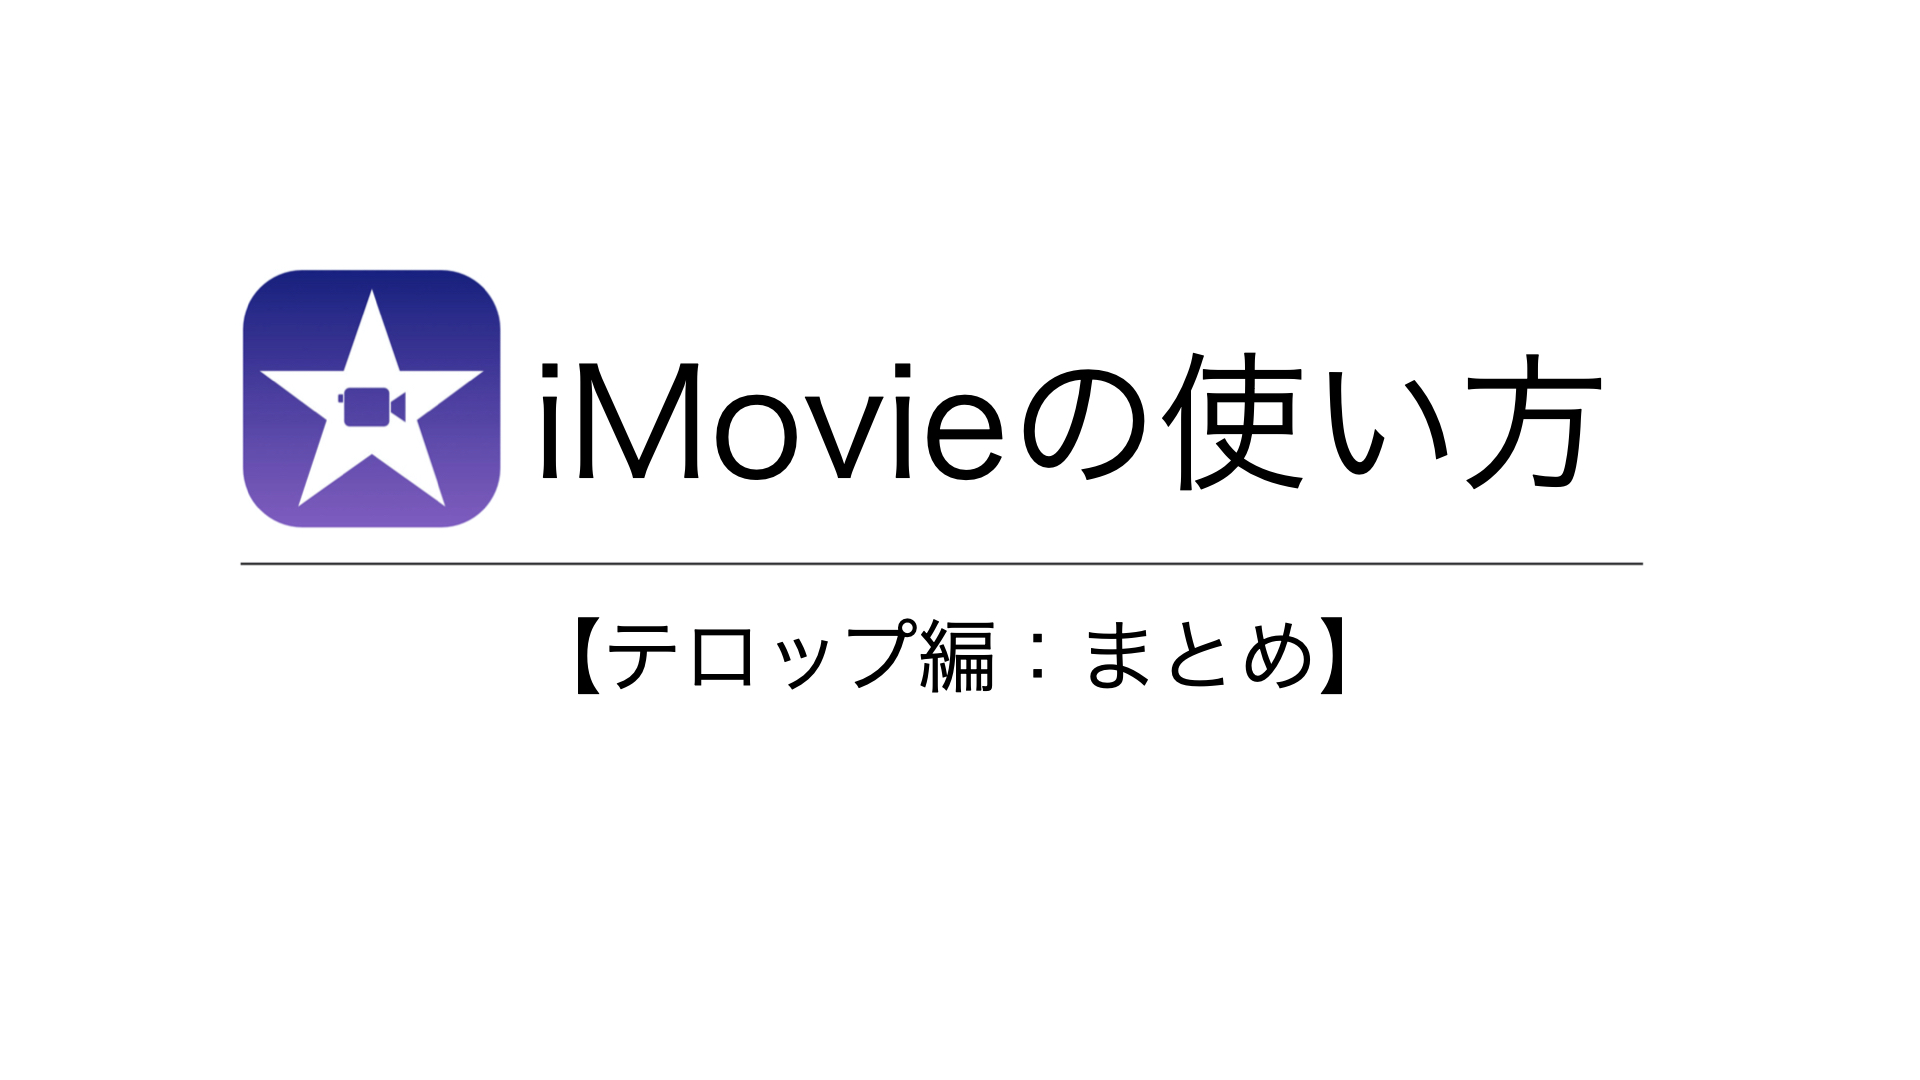 【iMovie使い方・字幕】